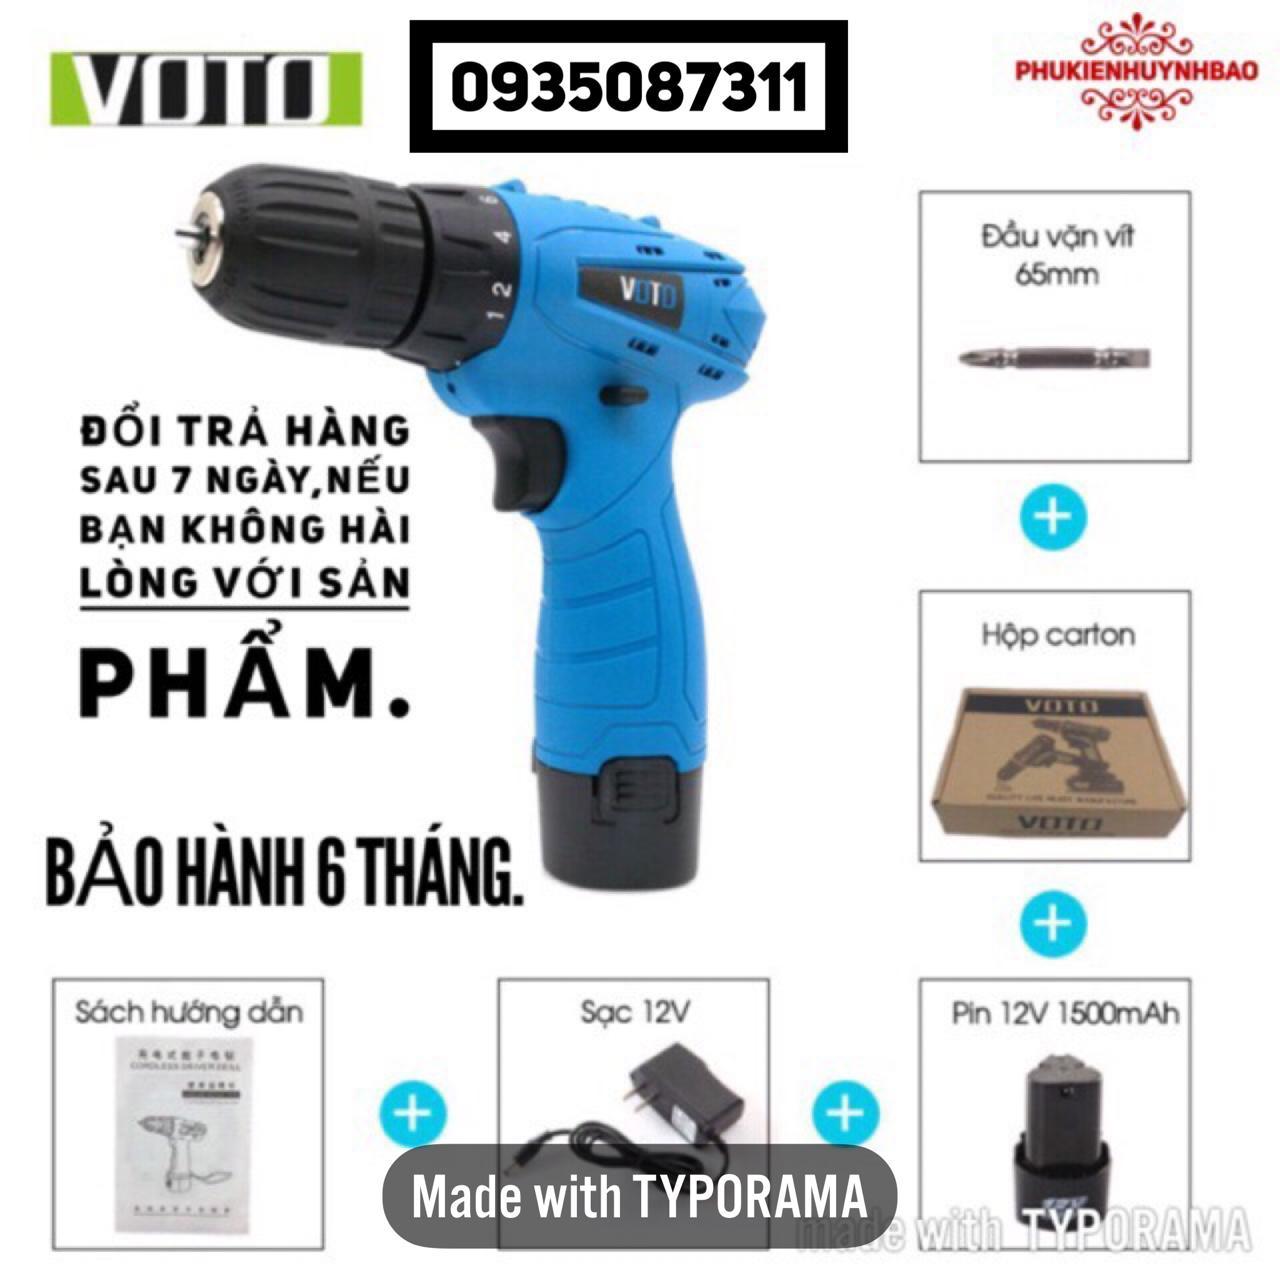 Máy Khoan Pin 12V VOTO,1 Pin,Bảo Hành 6 Tháng.